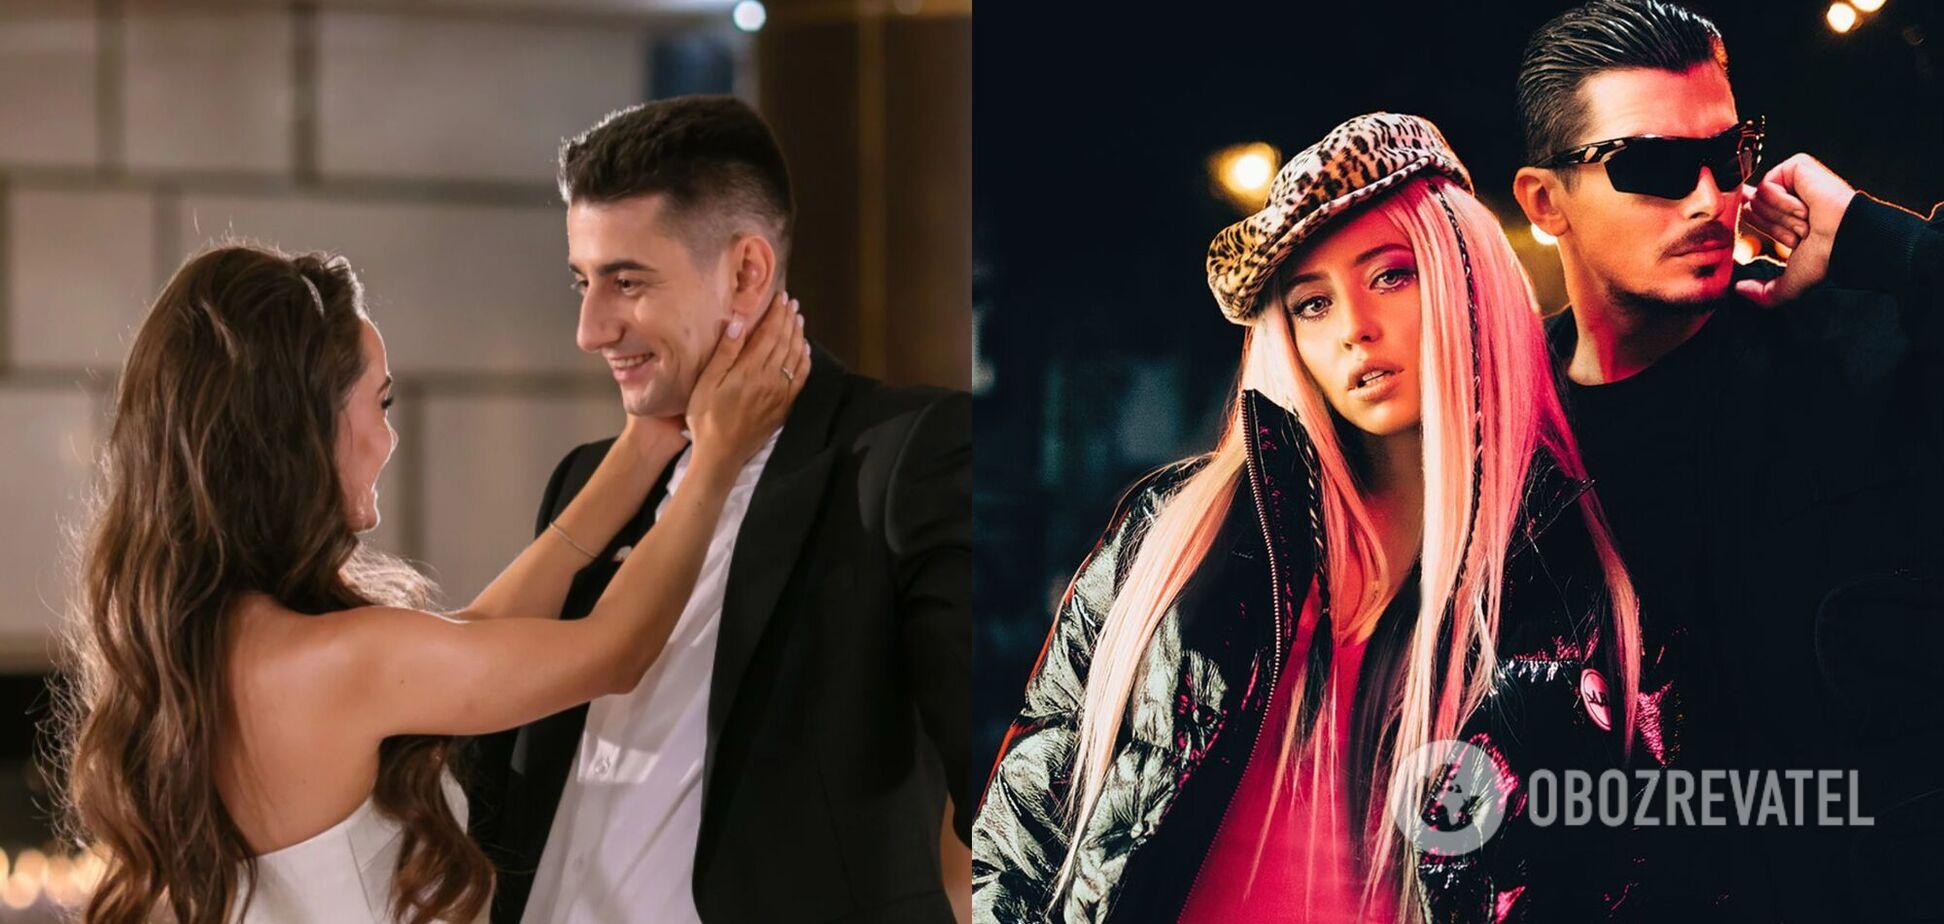 Ксения Мишина с Александром Эллертом и участники группы 'Время и Стекло' Надя Дорофеева и Позитив